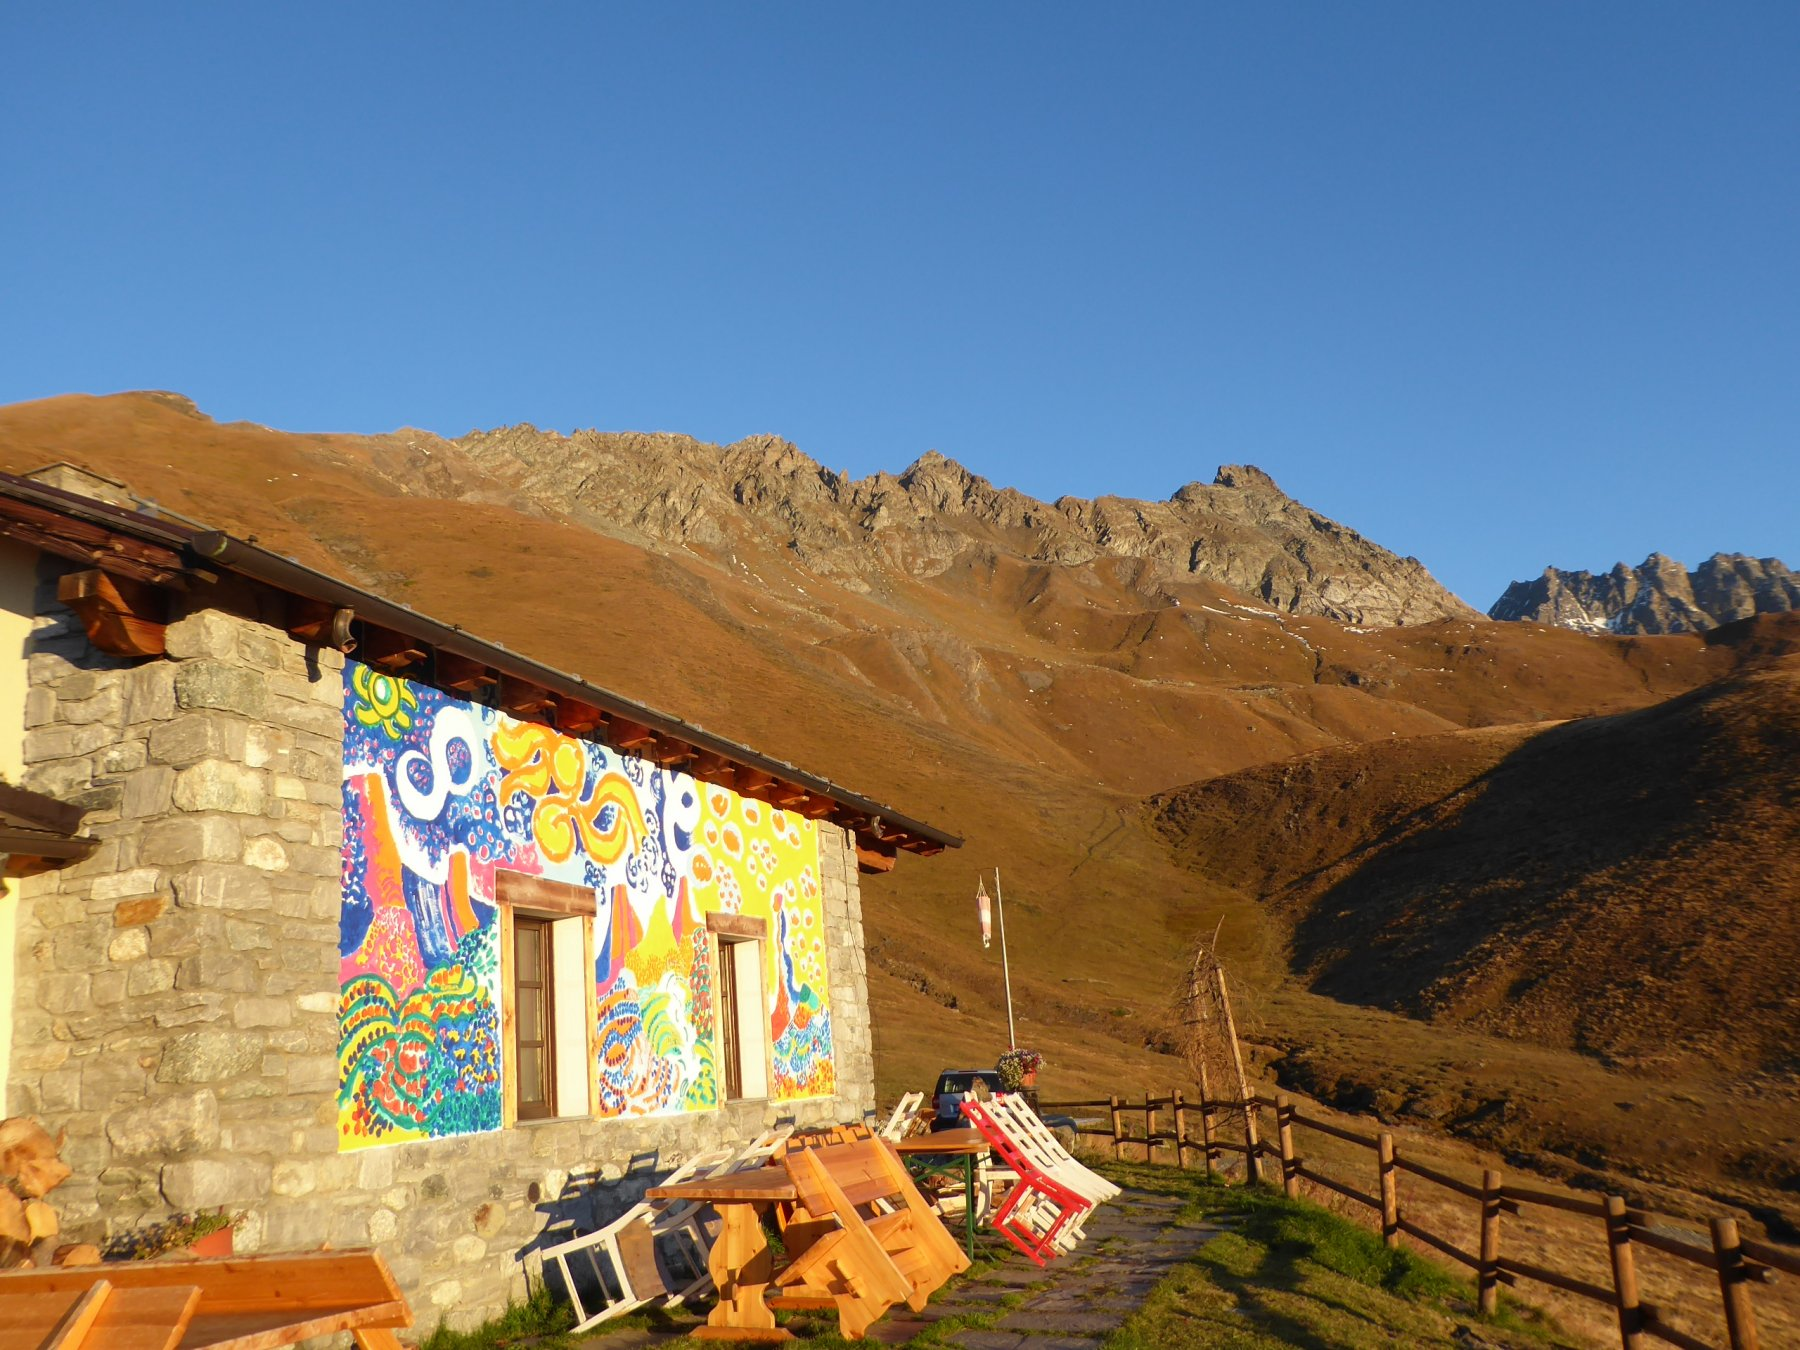 arrivo al rifugio e vista della catena montuosa con la Chenaille